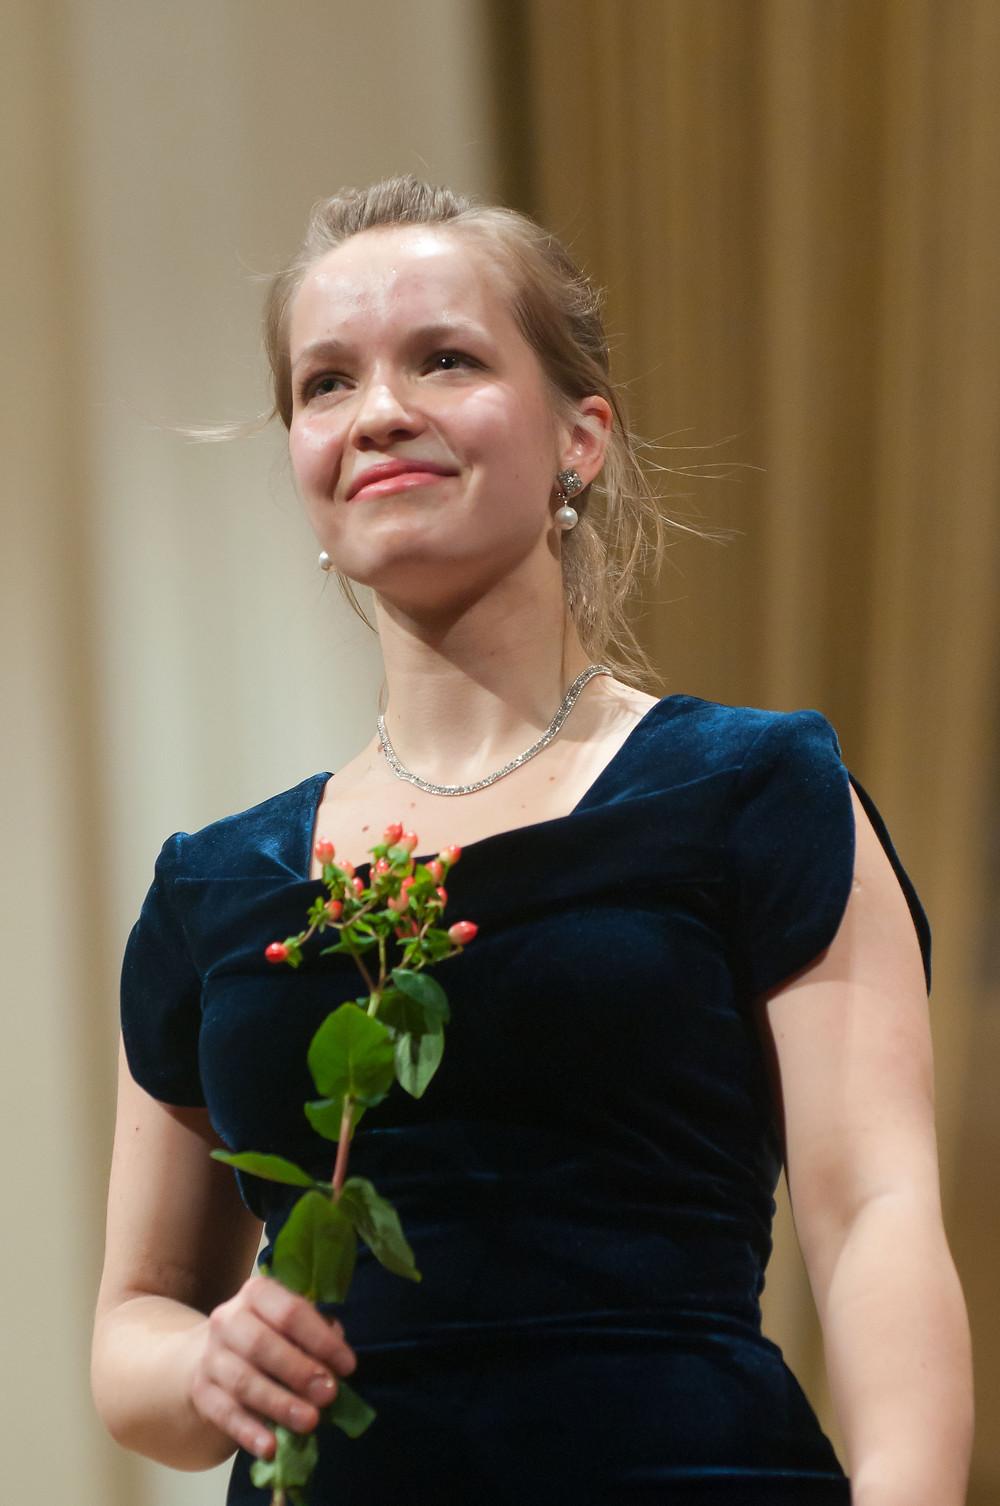 II Tallinna rahvusvahellise konkursi võitja Kristi Kapten aastal 2011. Foto Vahur Lõhmus / TIPC